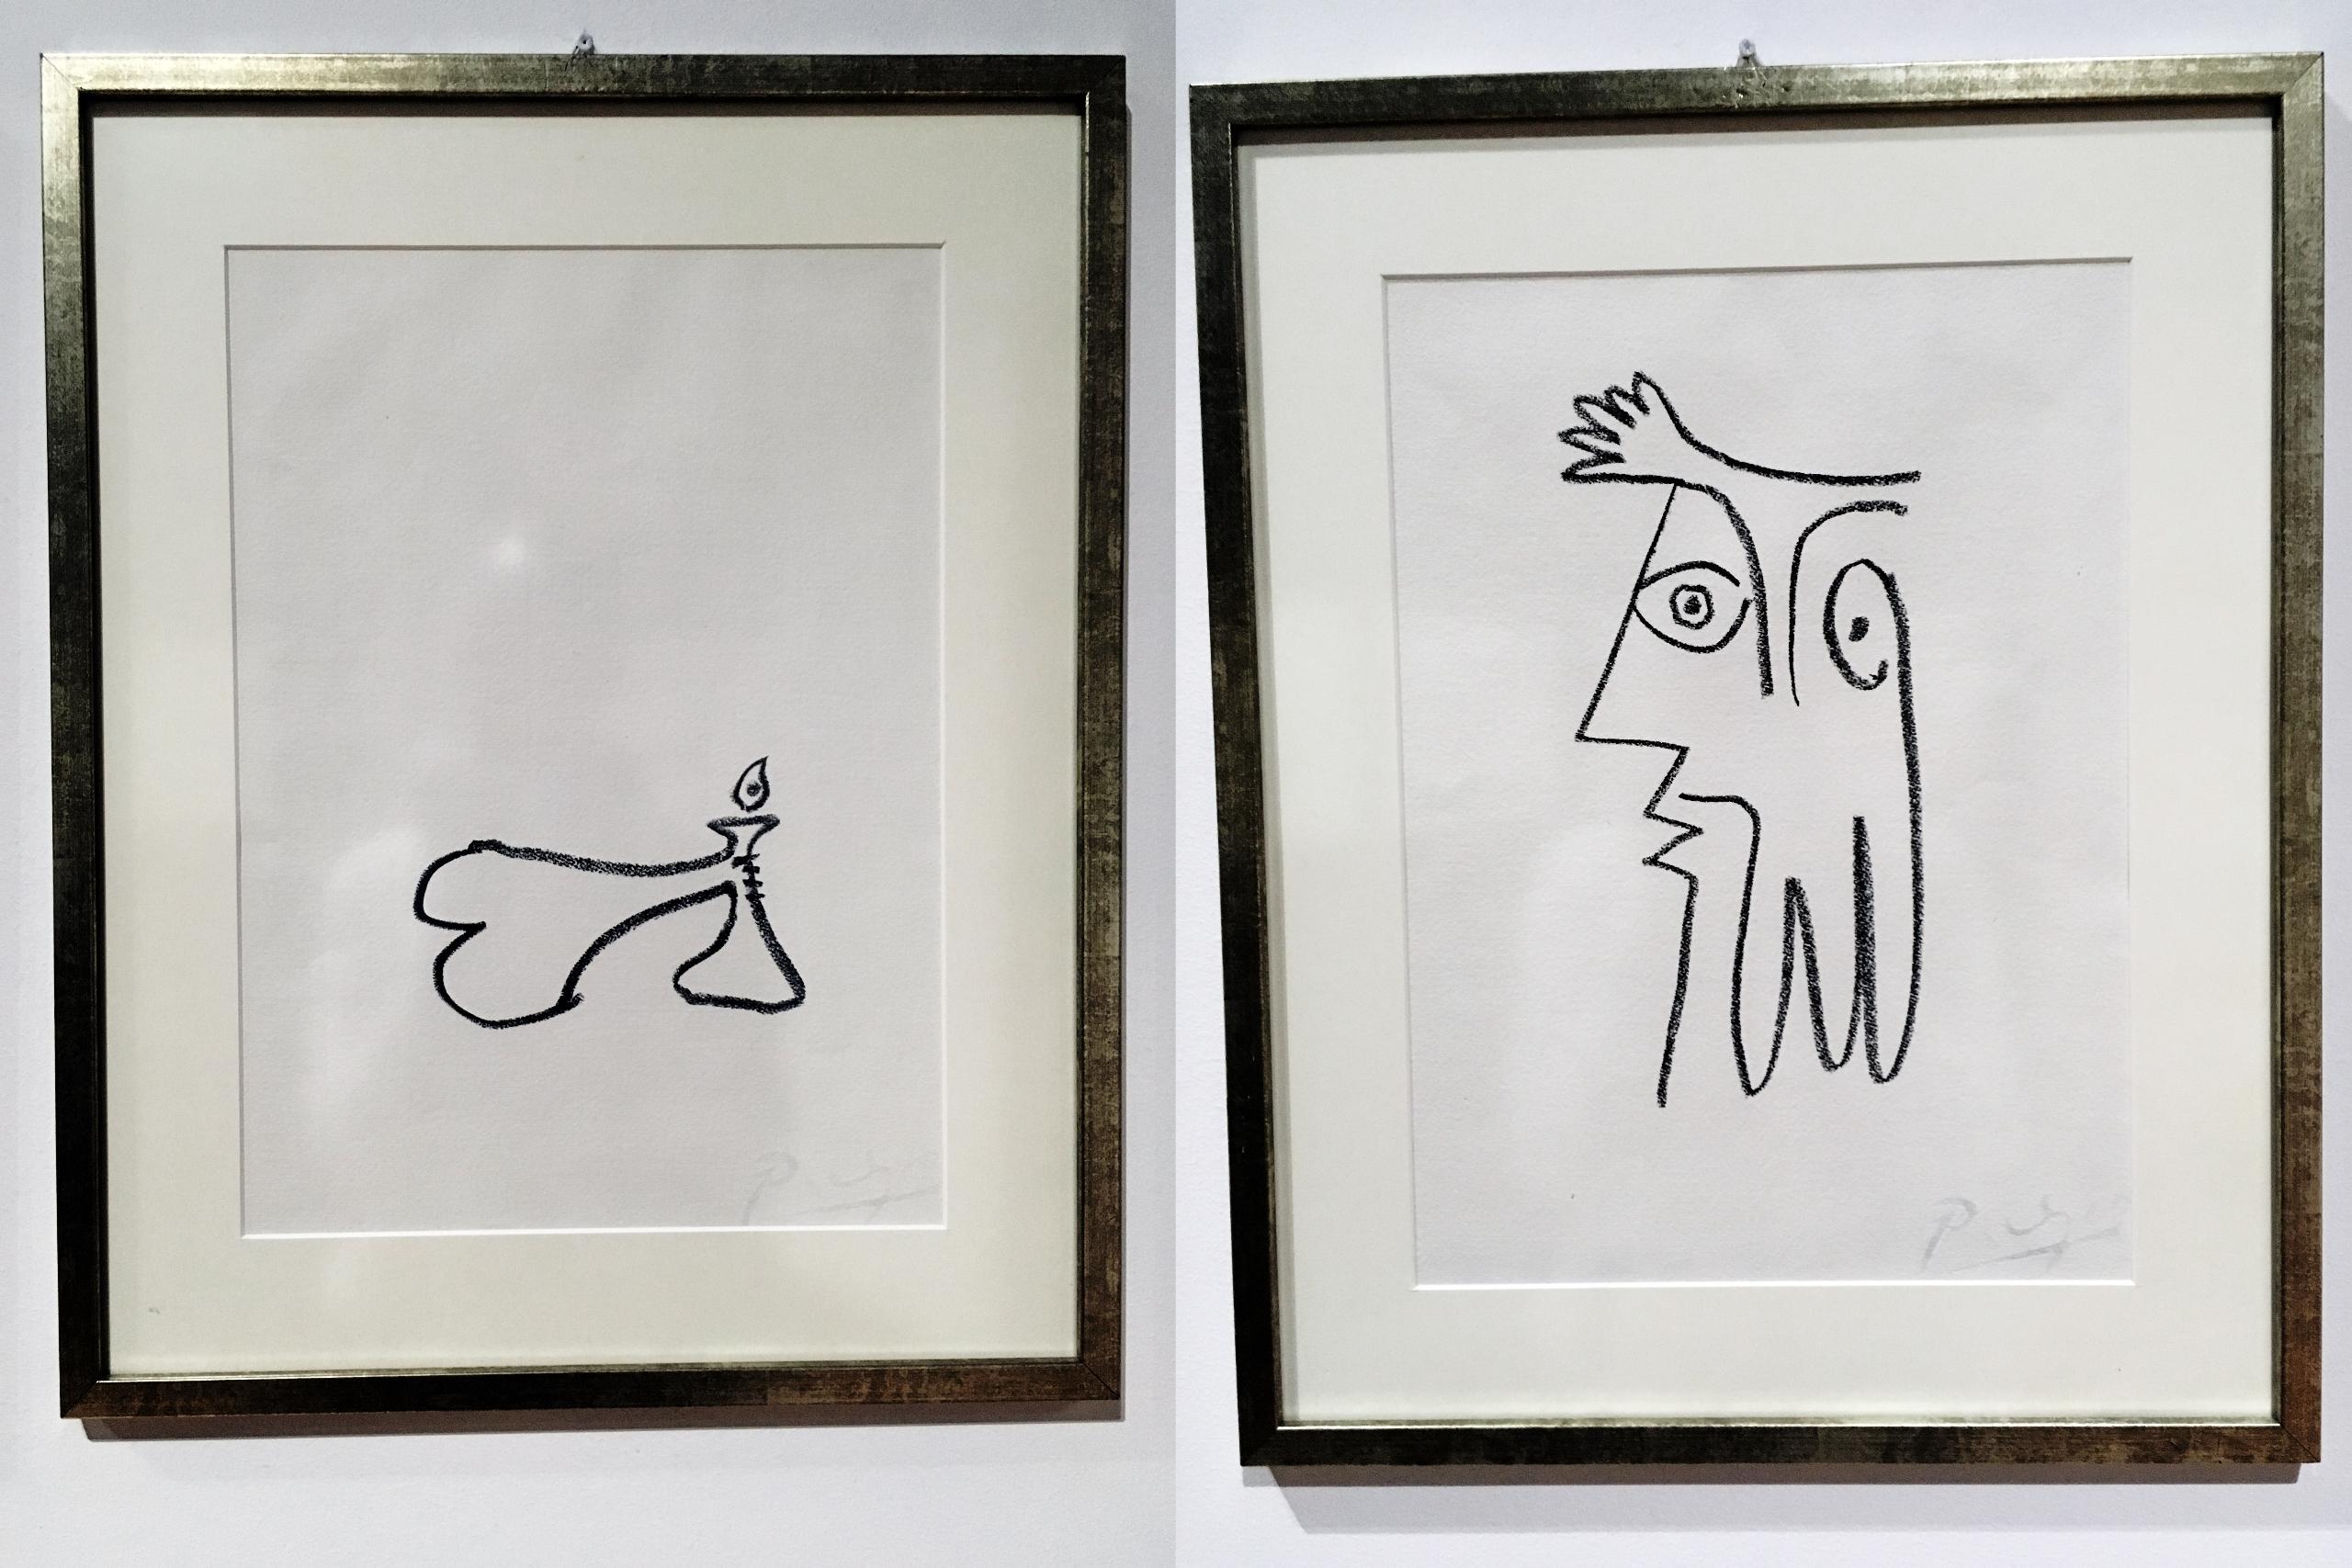 Zdjęcie przedstawia dwa rysunki znanego artysty Pabla Picassa. Rysunki są oprawione w ramki i mają charakter abstrakcyjny.